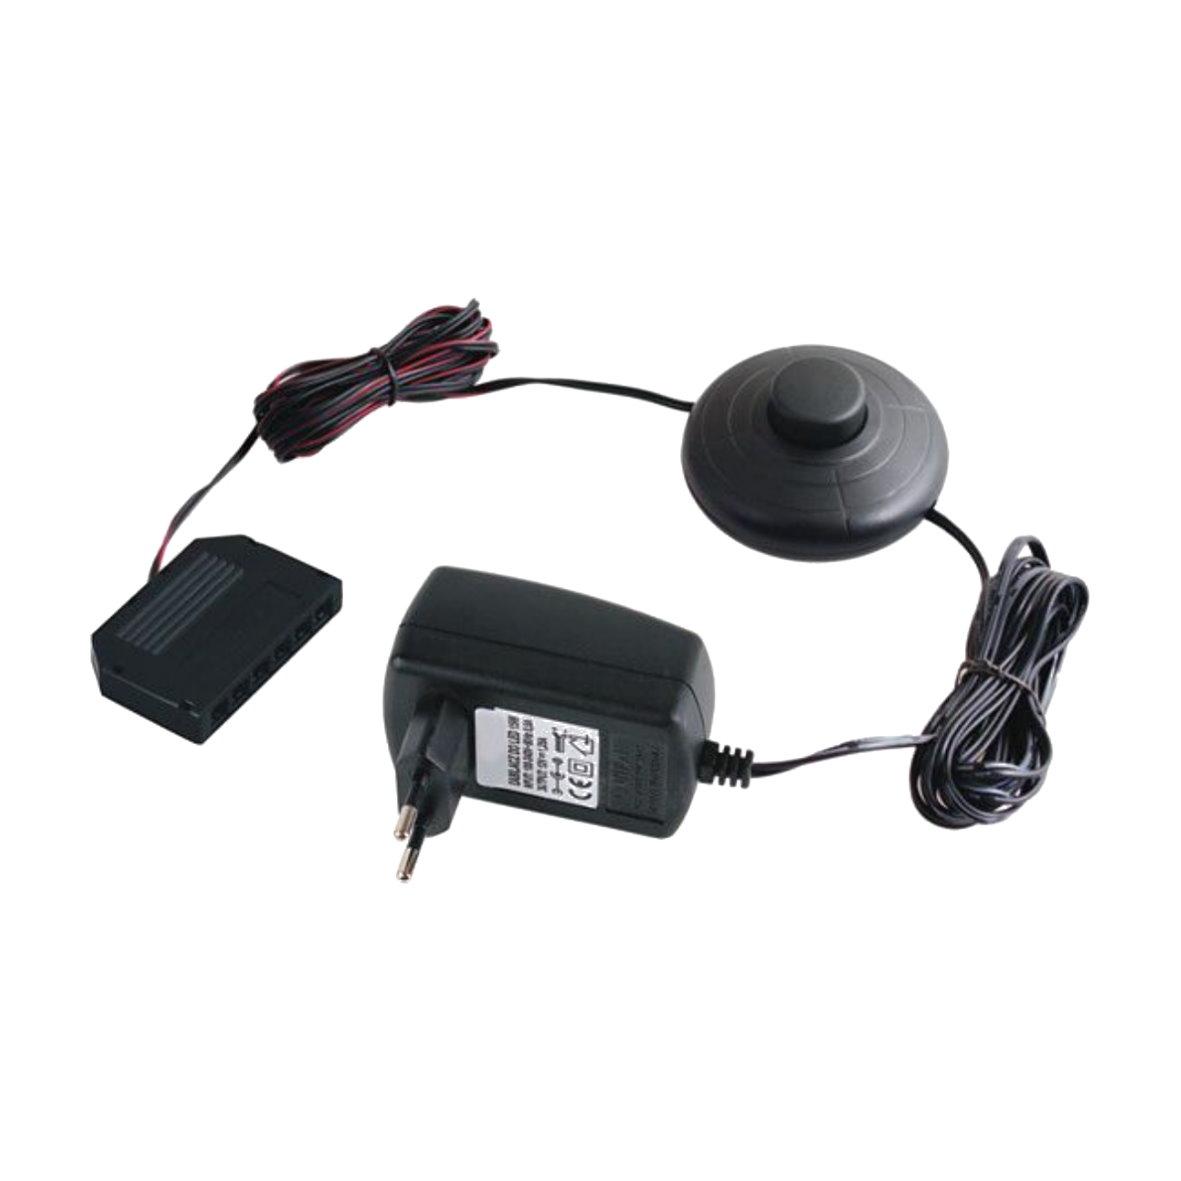 Zubehoer-fuer-12V-LED-Clicksystem-Klick-Click-System-Kabel-fuer-Leuchte-Strahler